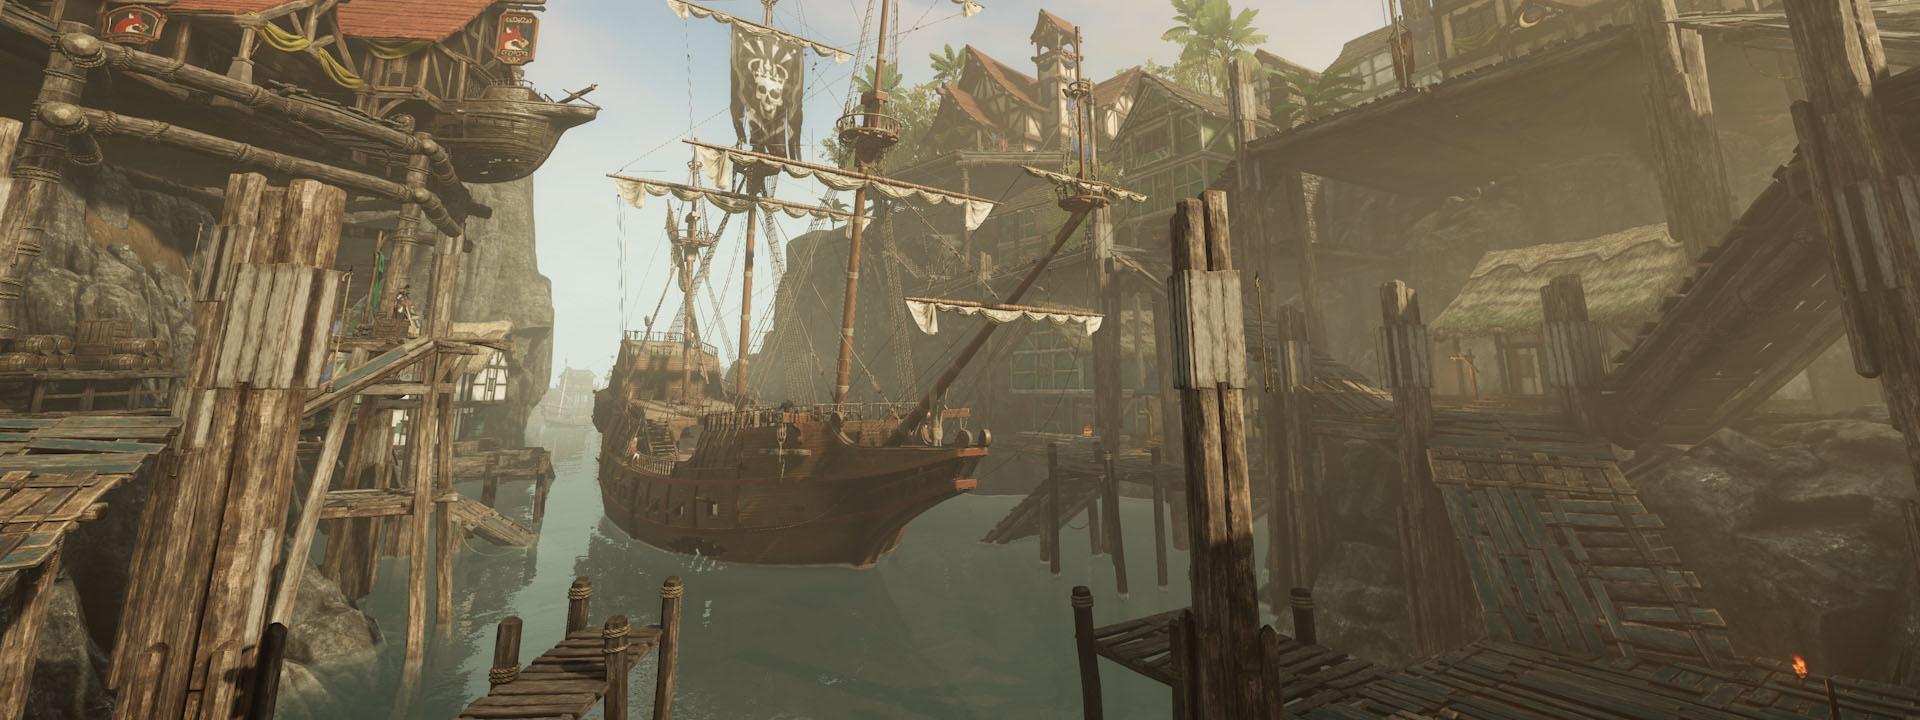 Ein Screenshot von den neu arrangierten Restless Shores. Gebäude drängen sich um einen kleinen Küstenhafen, in dem sich ein Schiff zum Anlegen vorbereitet.